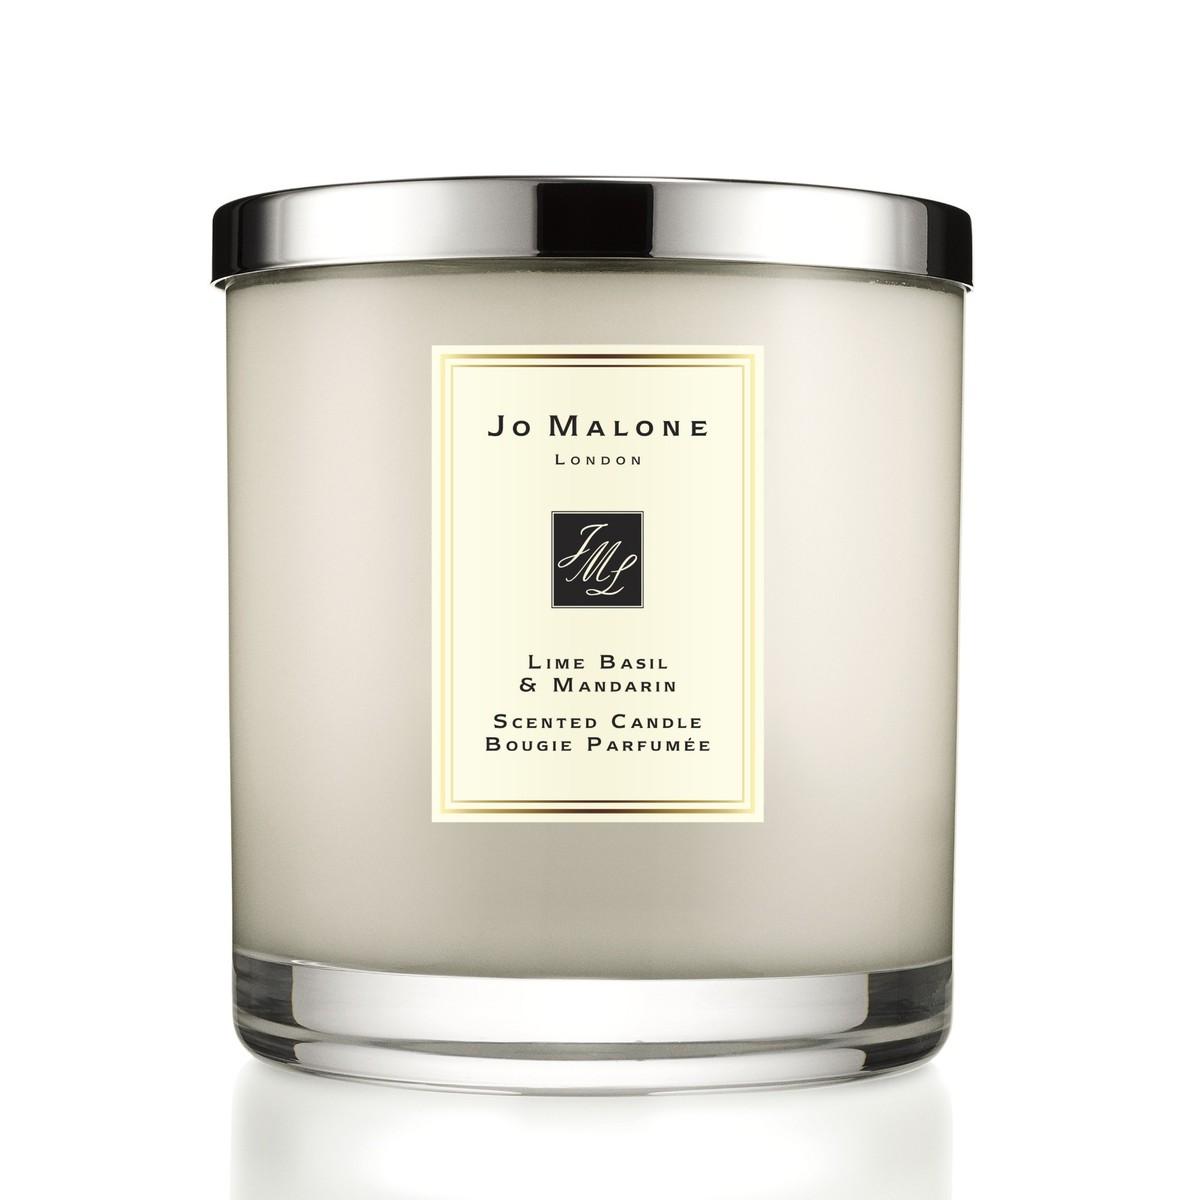 Jo Malone London ジョー マローン ロンドン ライム バジル & マンダリン ラグジュアリー キャンドル Lime Basil & Mandarin Luxury Candle 2,5kg